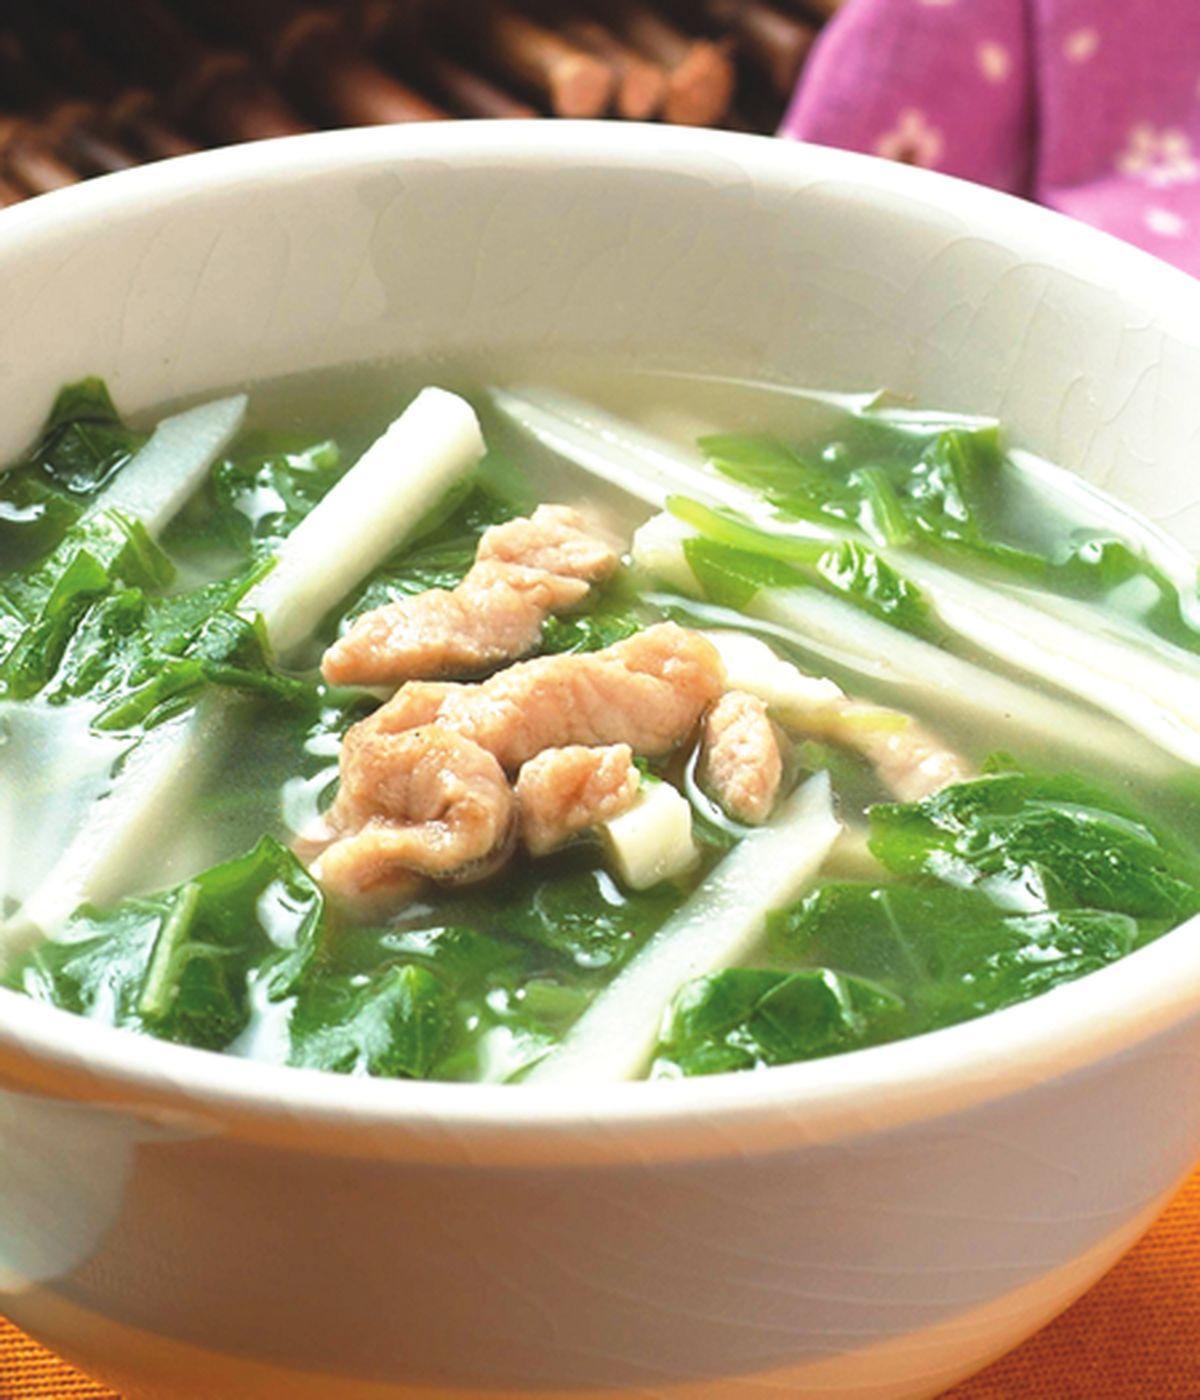 食譜:莧菜竹筍湯